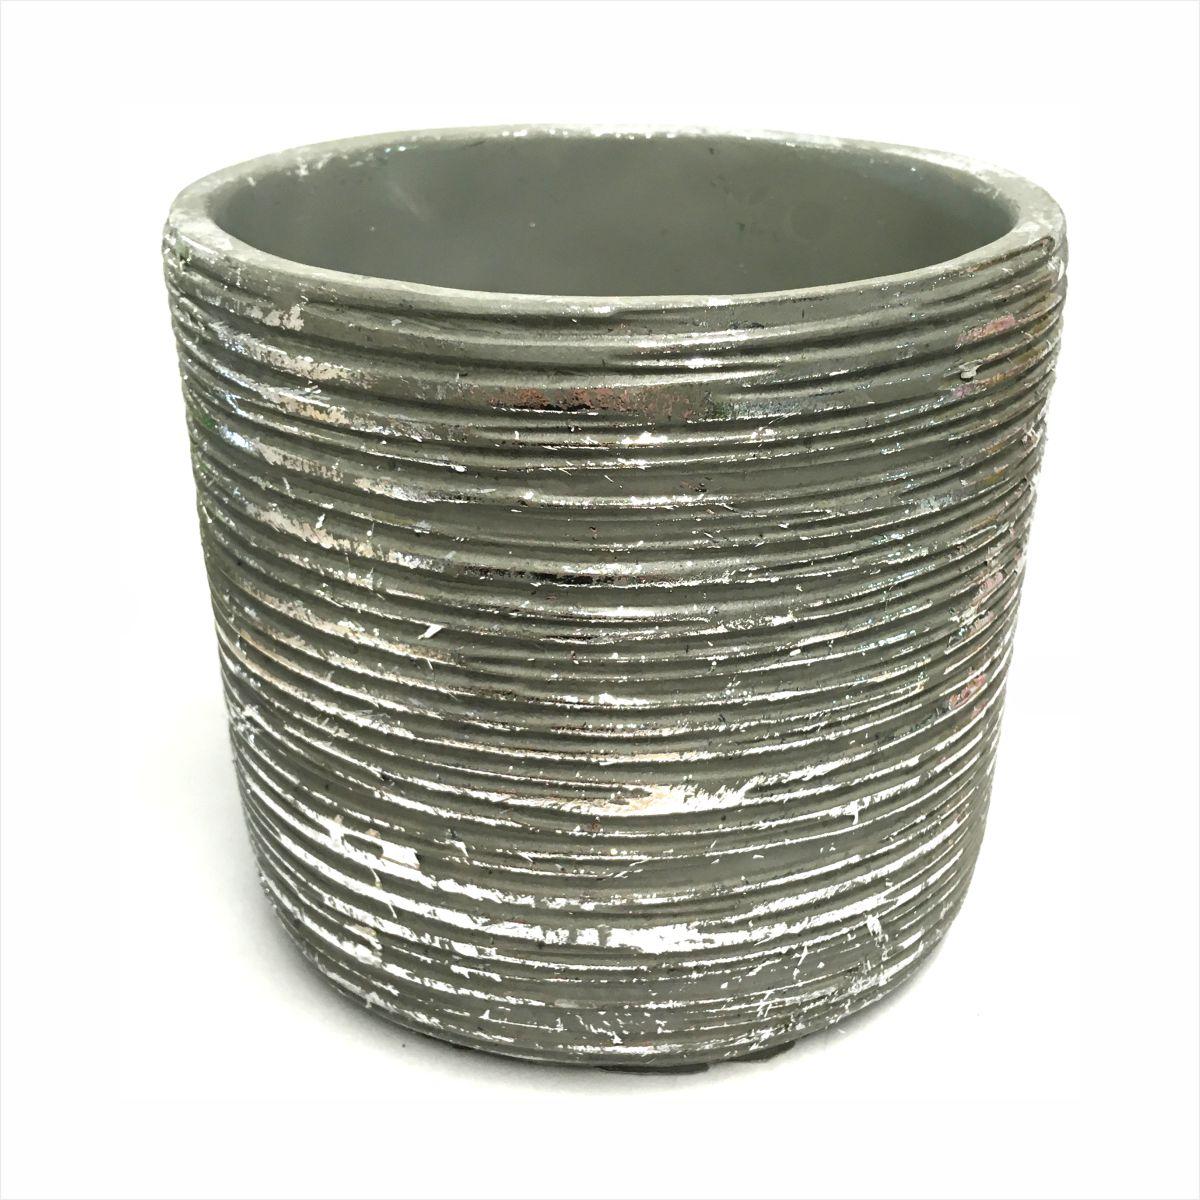 Osłonka ceramiczna srebrna Polnix 14 cm